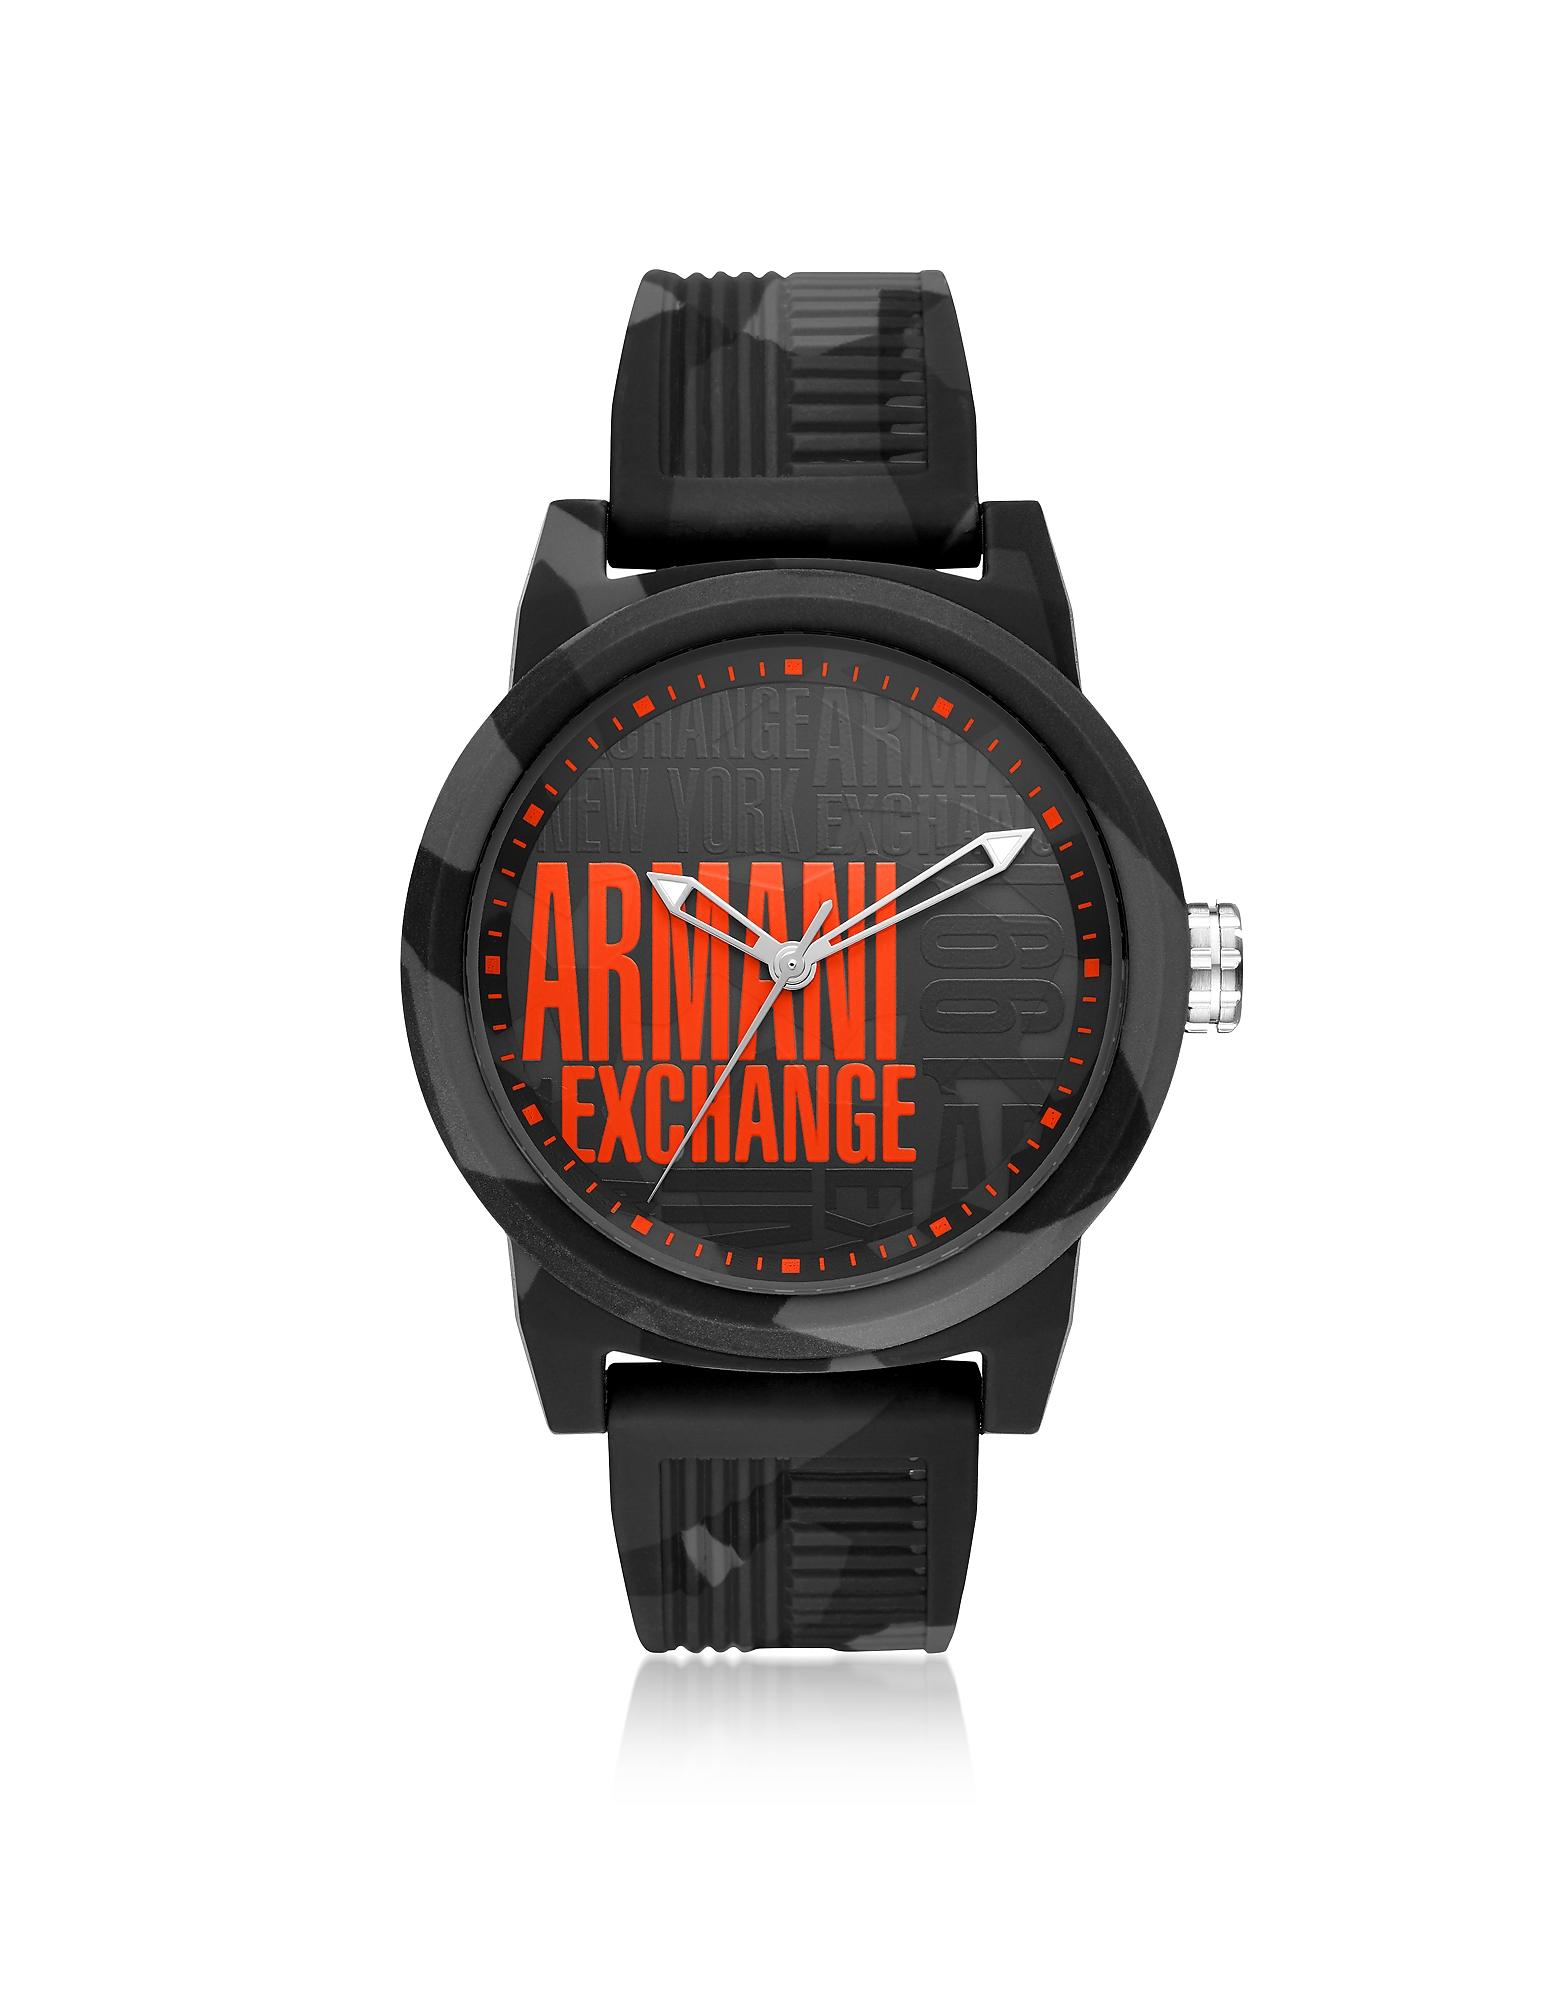 Emporio Armani Men's Watches, Atlc Logo Face Silicone Men's Watch